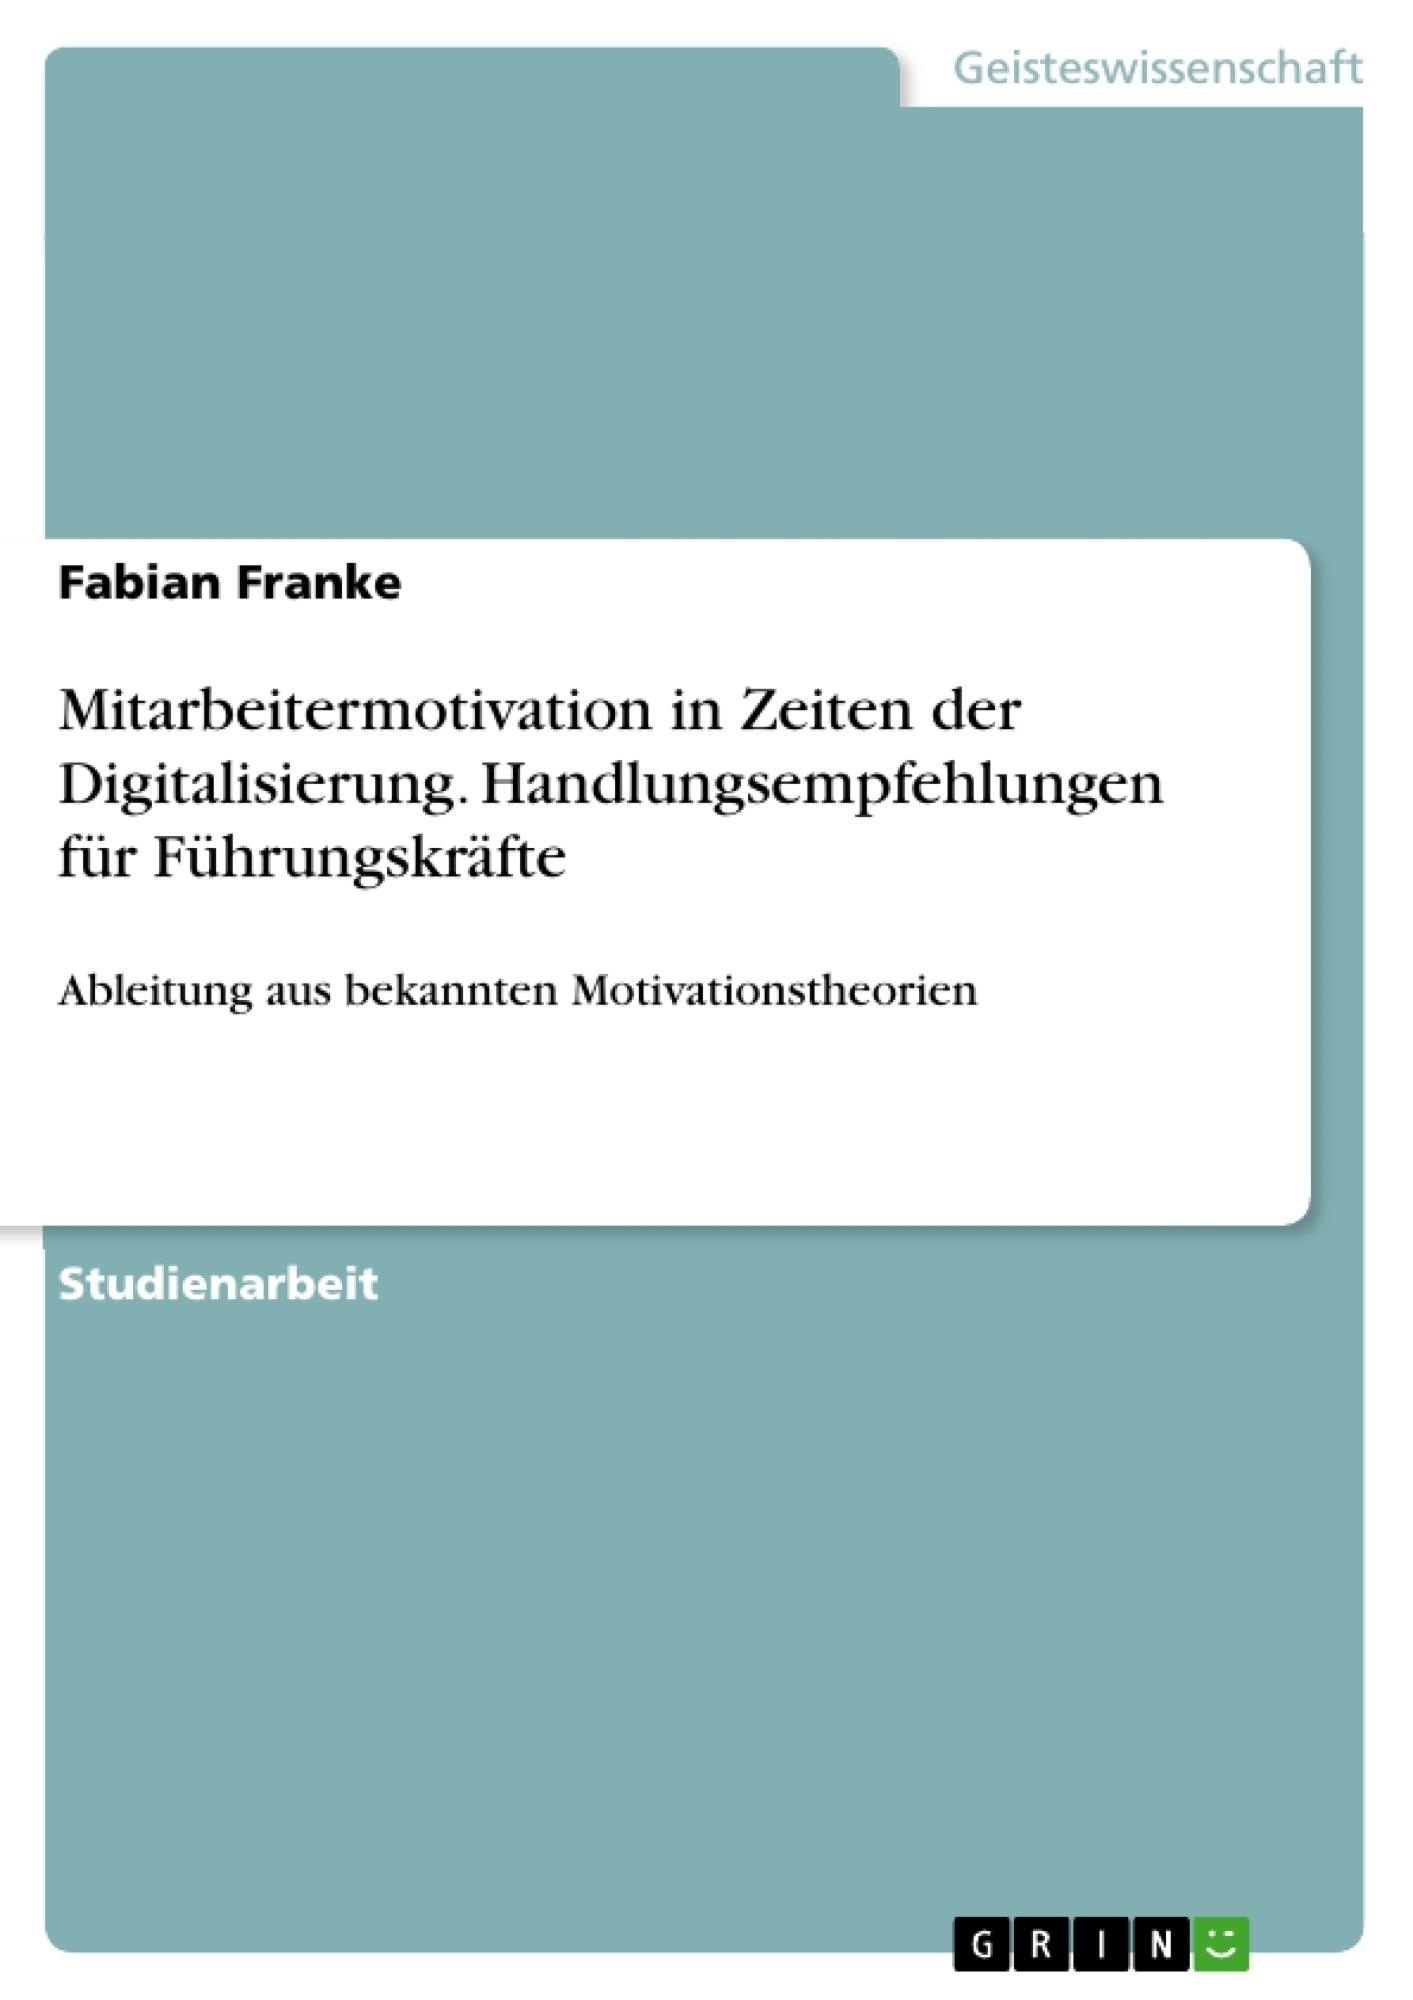 Titel: Mitarbeitermotivation in Zeiten der Digitalisierung. Handlungsempfehlungen für Führungskräfte